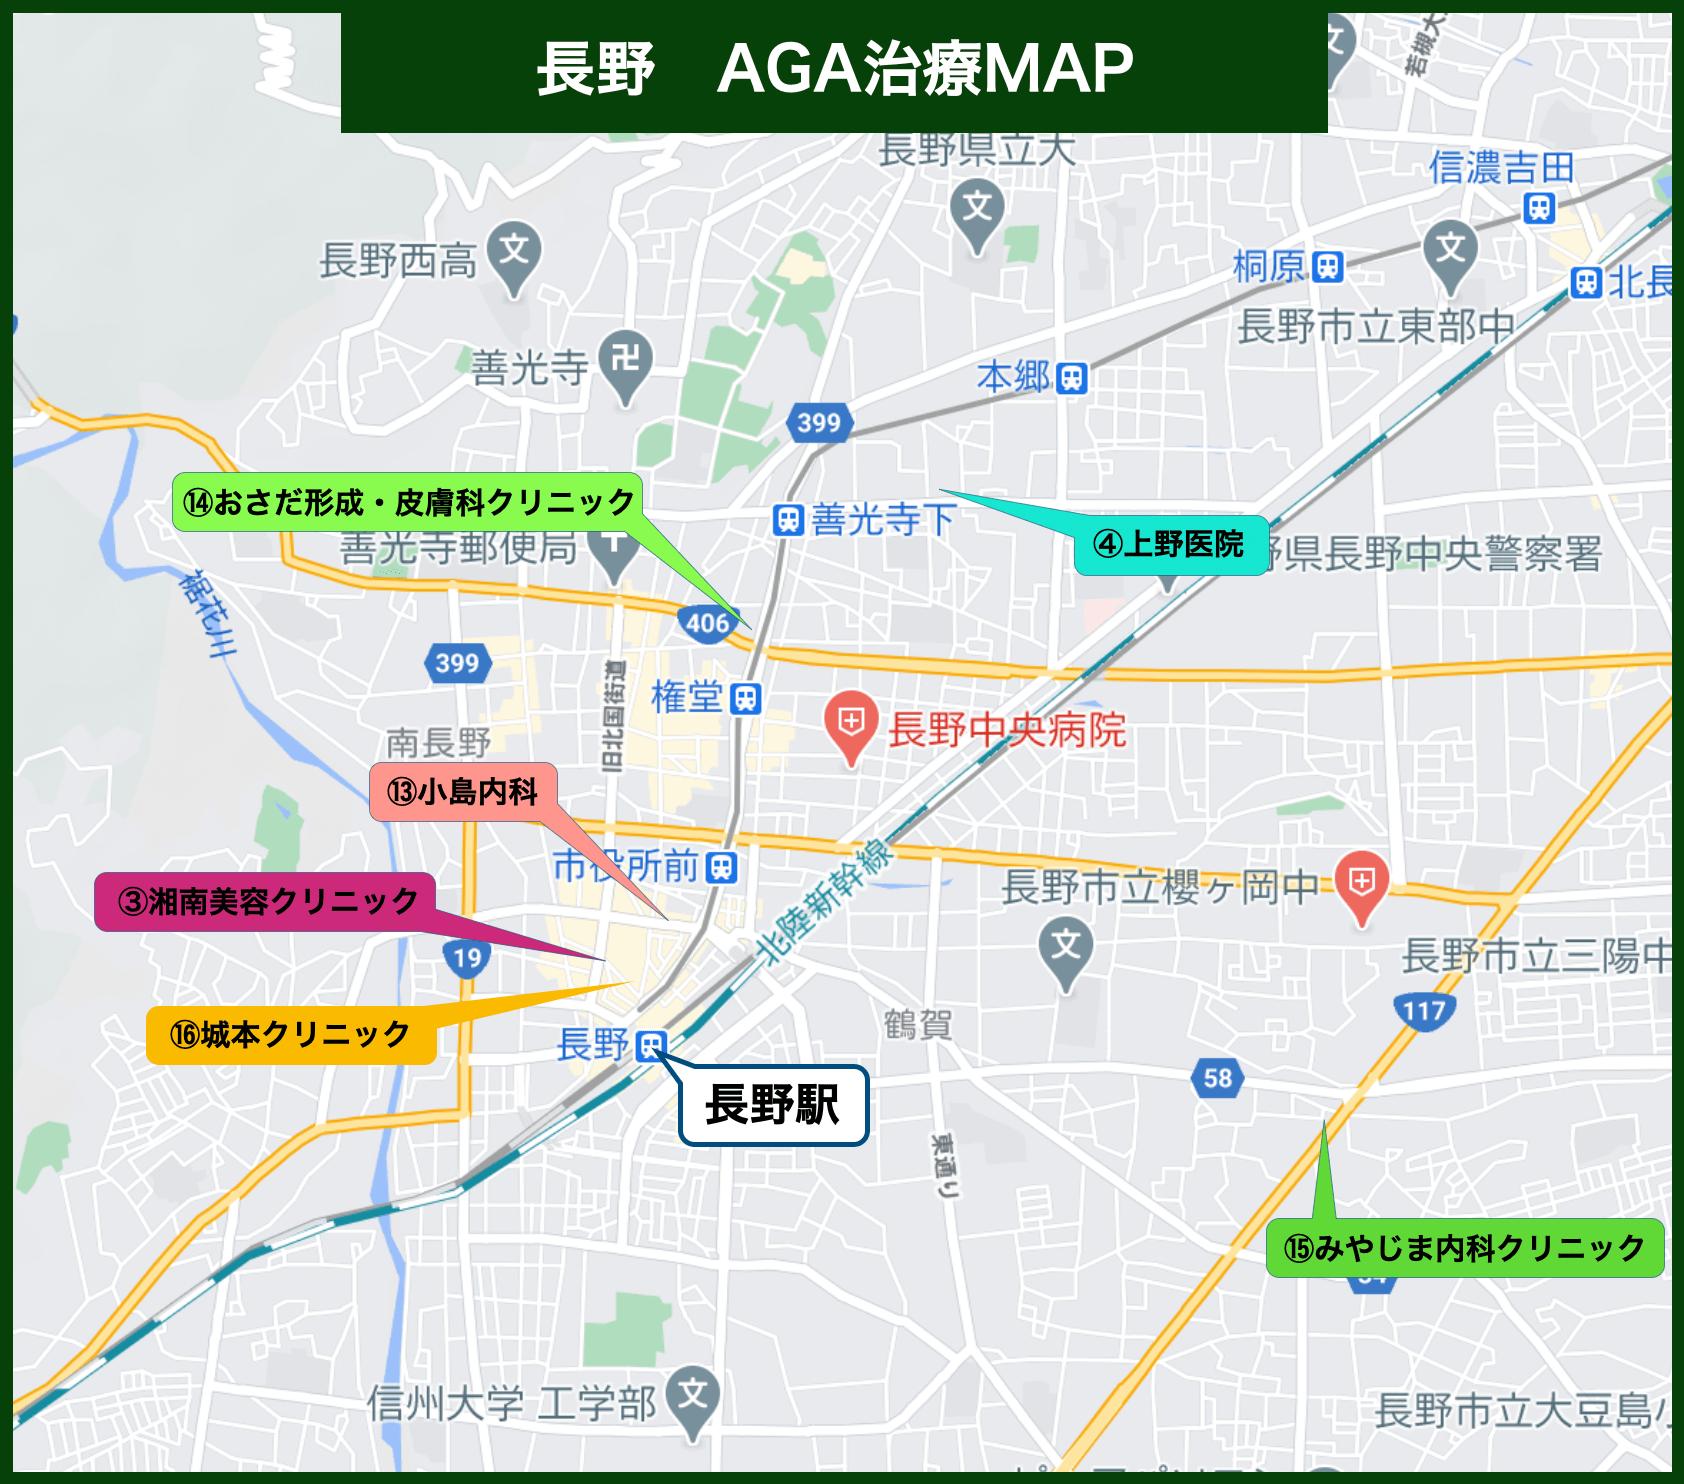 長野AGA治療MAP